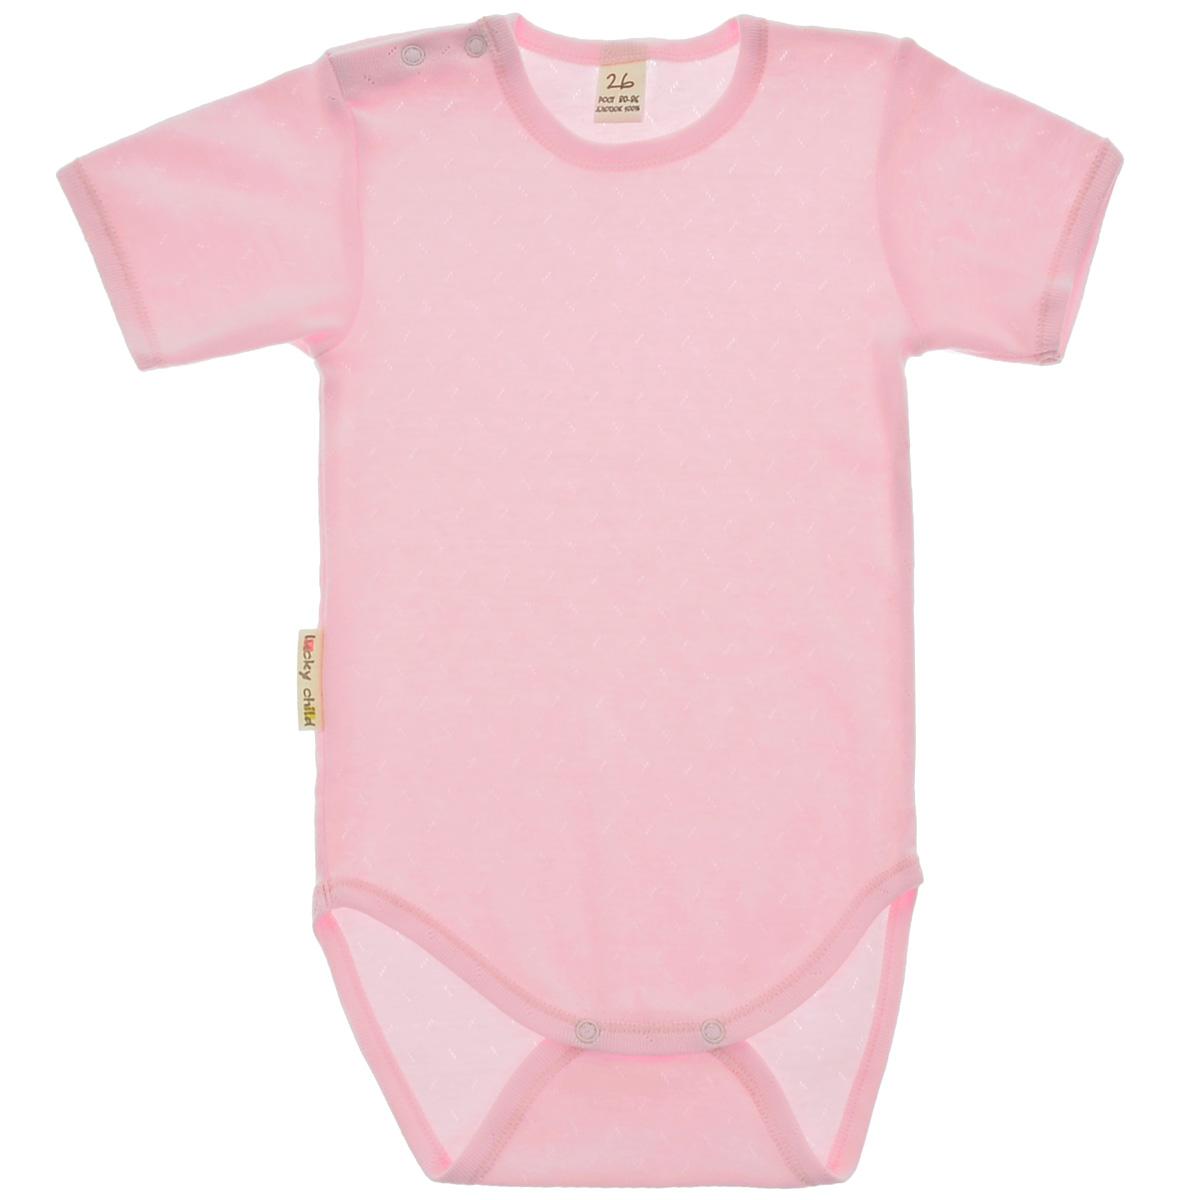 Боди-футболка Lucky Child Ажур, цвет: розовый. 0-30. Размер 74/800-30_ажурДетское боди-футболка Lucky Child с короткими рукавами послужит идеальным дополнением к гардеробу малыша в теплое время года, обеспечивая ему наибольший комфорт. Боди изготовлено из натурального хлопка, благодаря чему оно необычайно мягкое и легкое, не раздражает нежную кожу ребенка и хорошо вентилируется, а эластичные швы приятны телу малыша и не препятствуют его движениям. Удобные застежки-кнопки по плечу и на ластовице помогают легко переодеть младенца и сменить подгузник. Боди выполнено из ткани с ажурным узором.Боди полностью соответствует особенностям жизни малыша в ранний период, не стесняя и не ограничивая его в движениях. В нем ваш ребенок всегда будет в центре внимания.